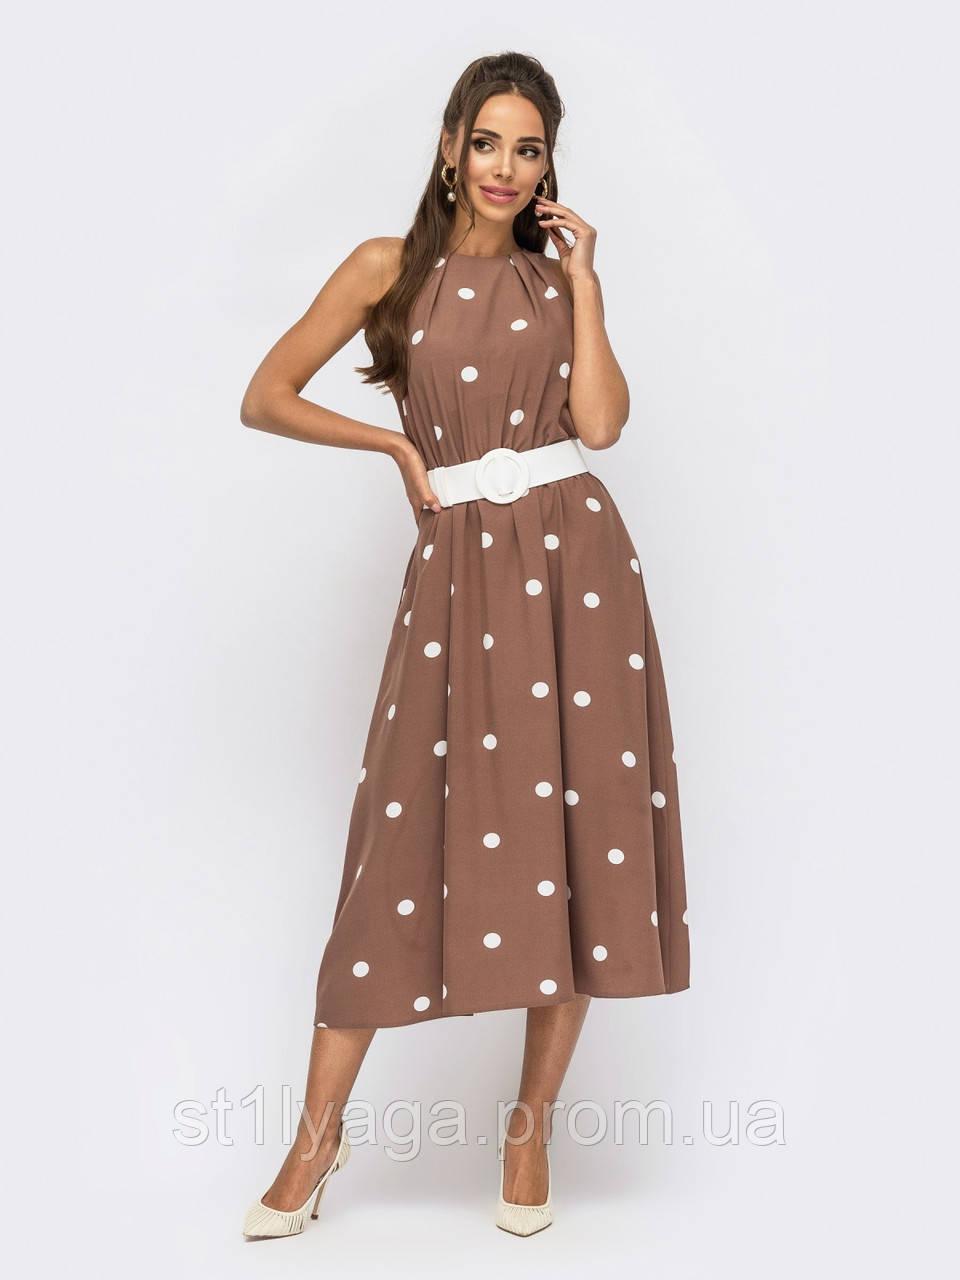 Сукня довжиною міді в горох ЛІТО